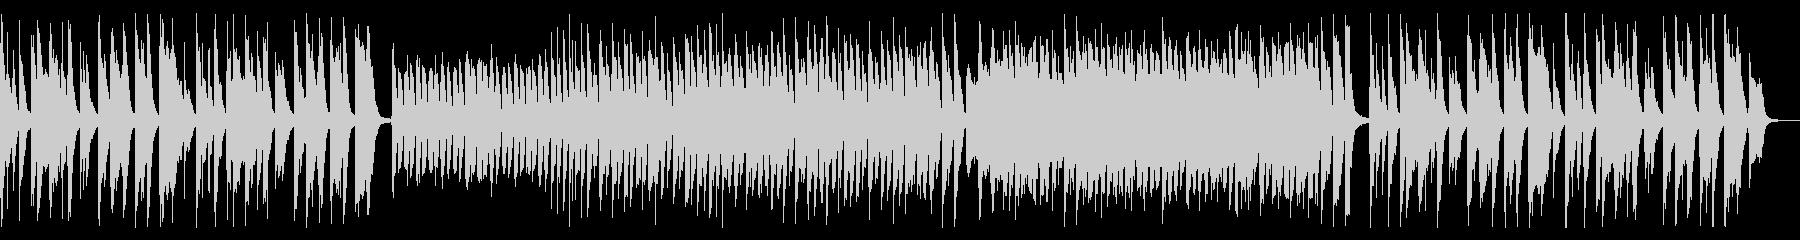 コミカルなクッキングBGMの未再生の波形